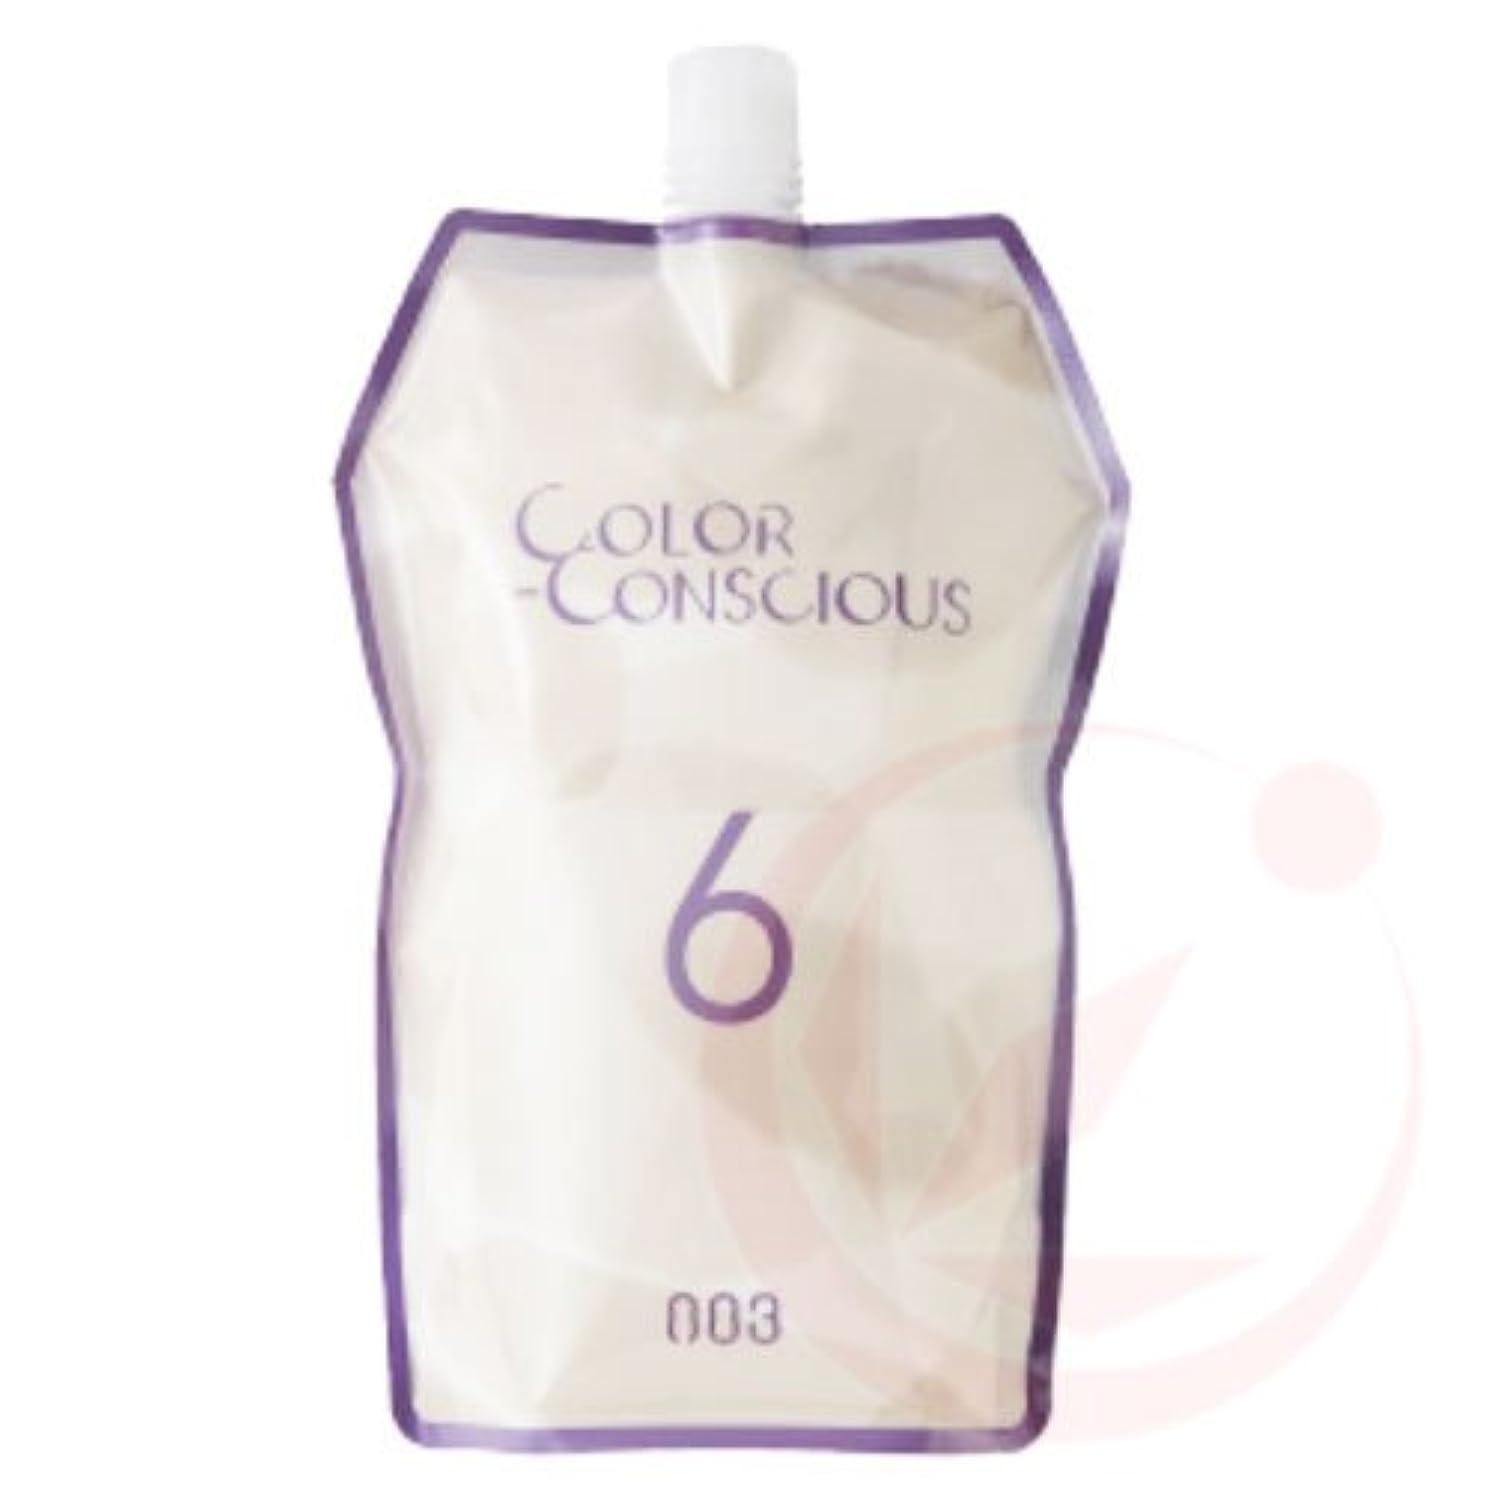 鉛筆証人上記の頭と肩ナンバースリー カラーコンシャス オキシ(OX) 1200ml(業務・詰替用)(2剤) OX6%*